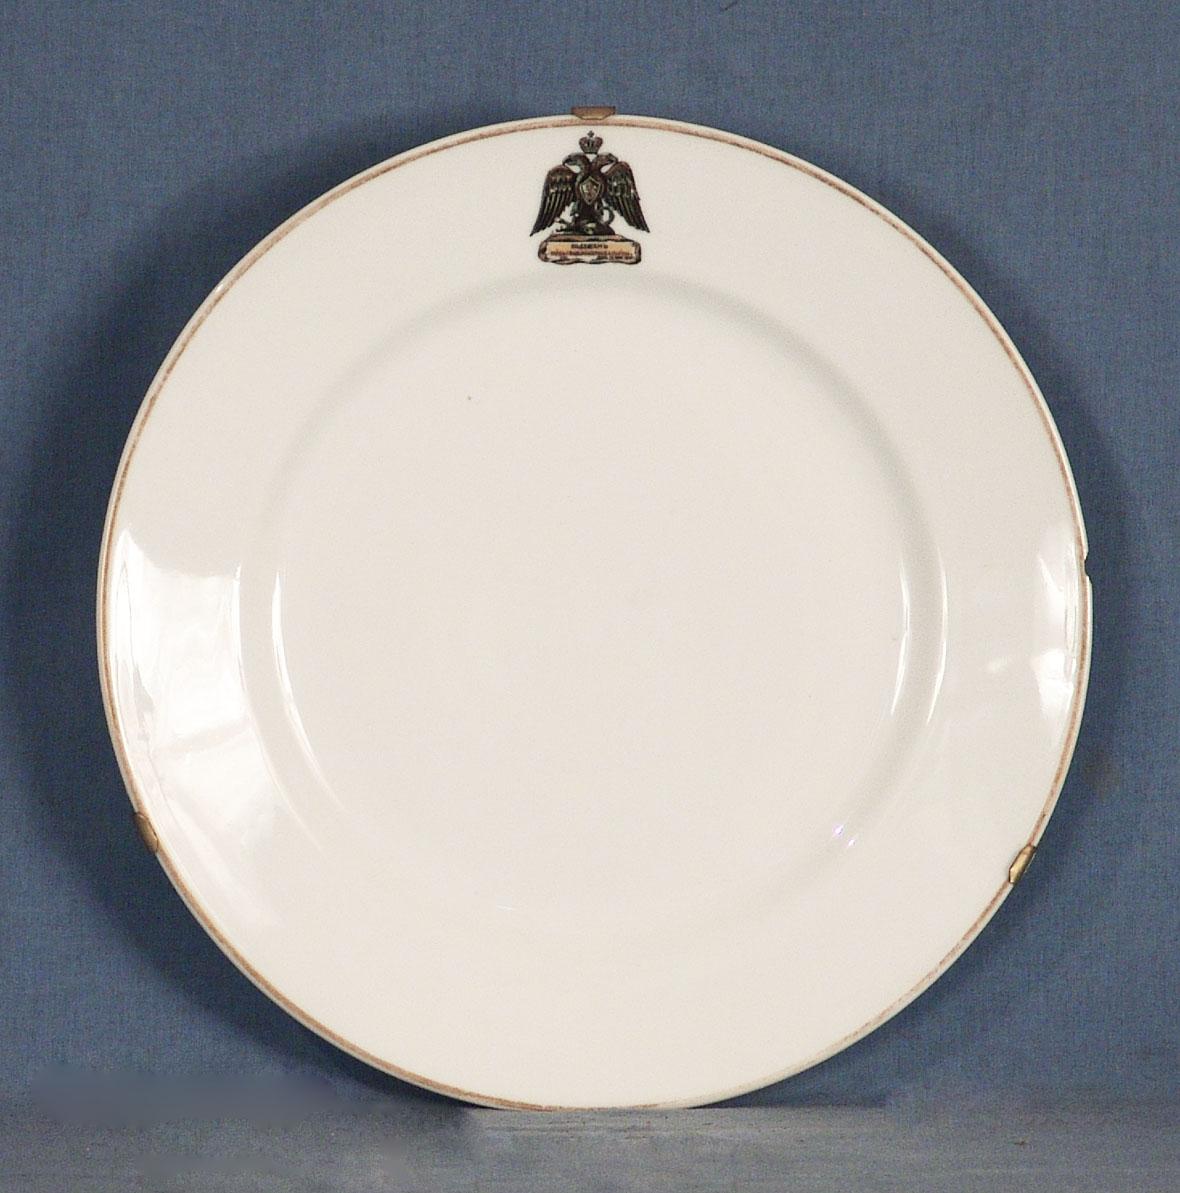 Bgw remate 222 porcrist gek htm gendata for Platos porcelana blanca